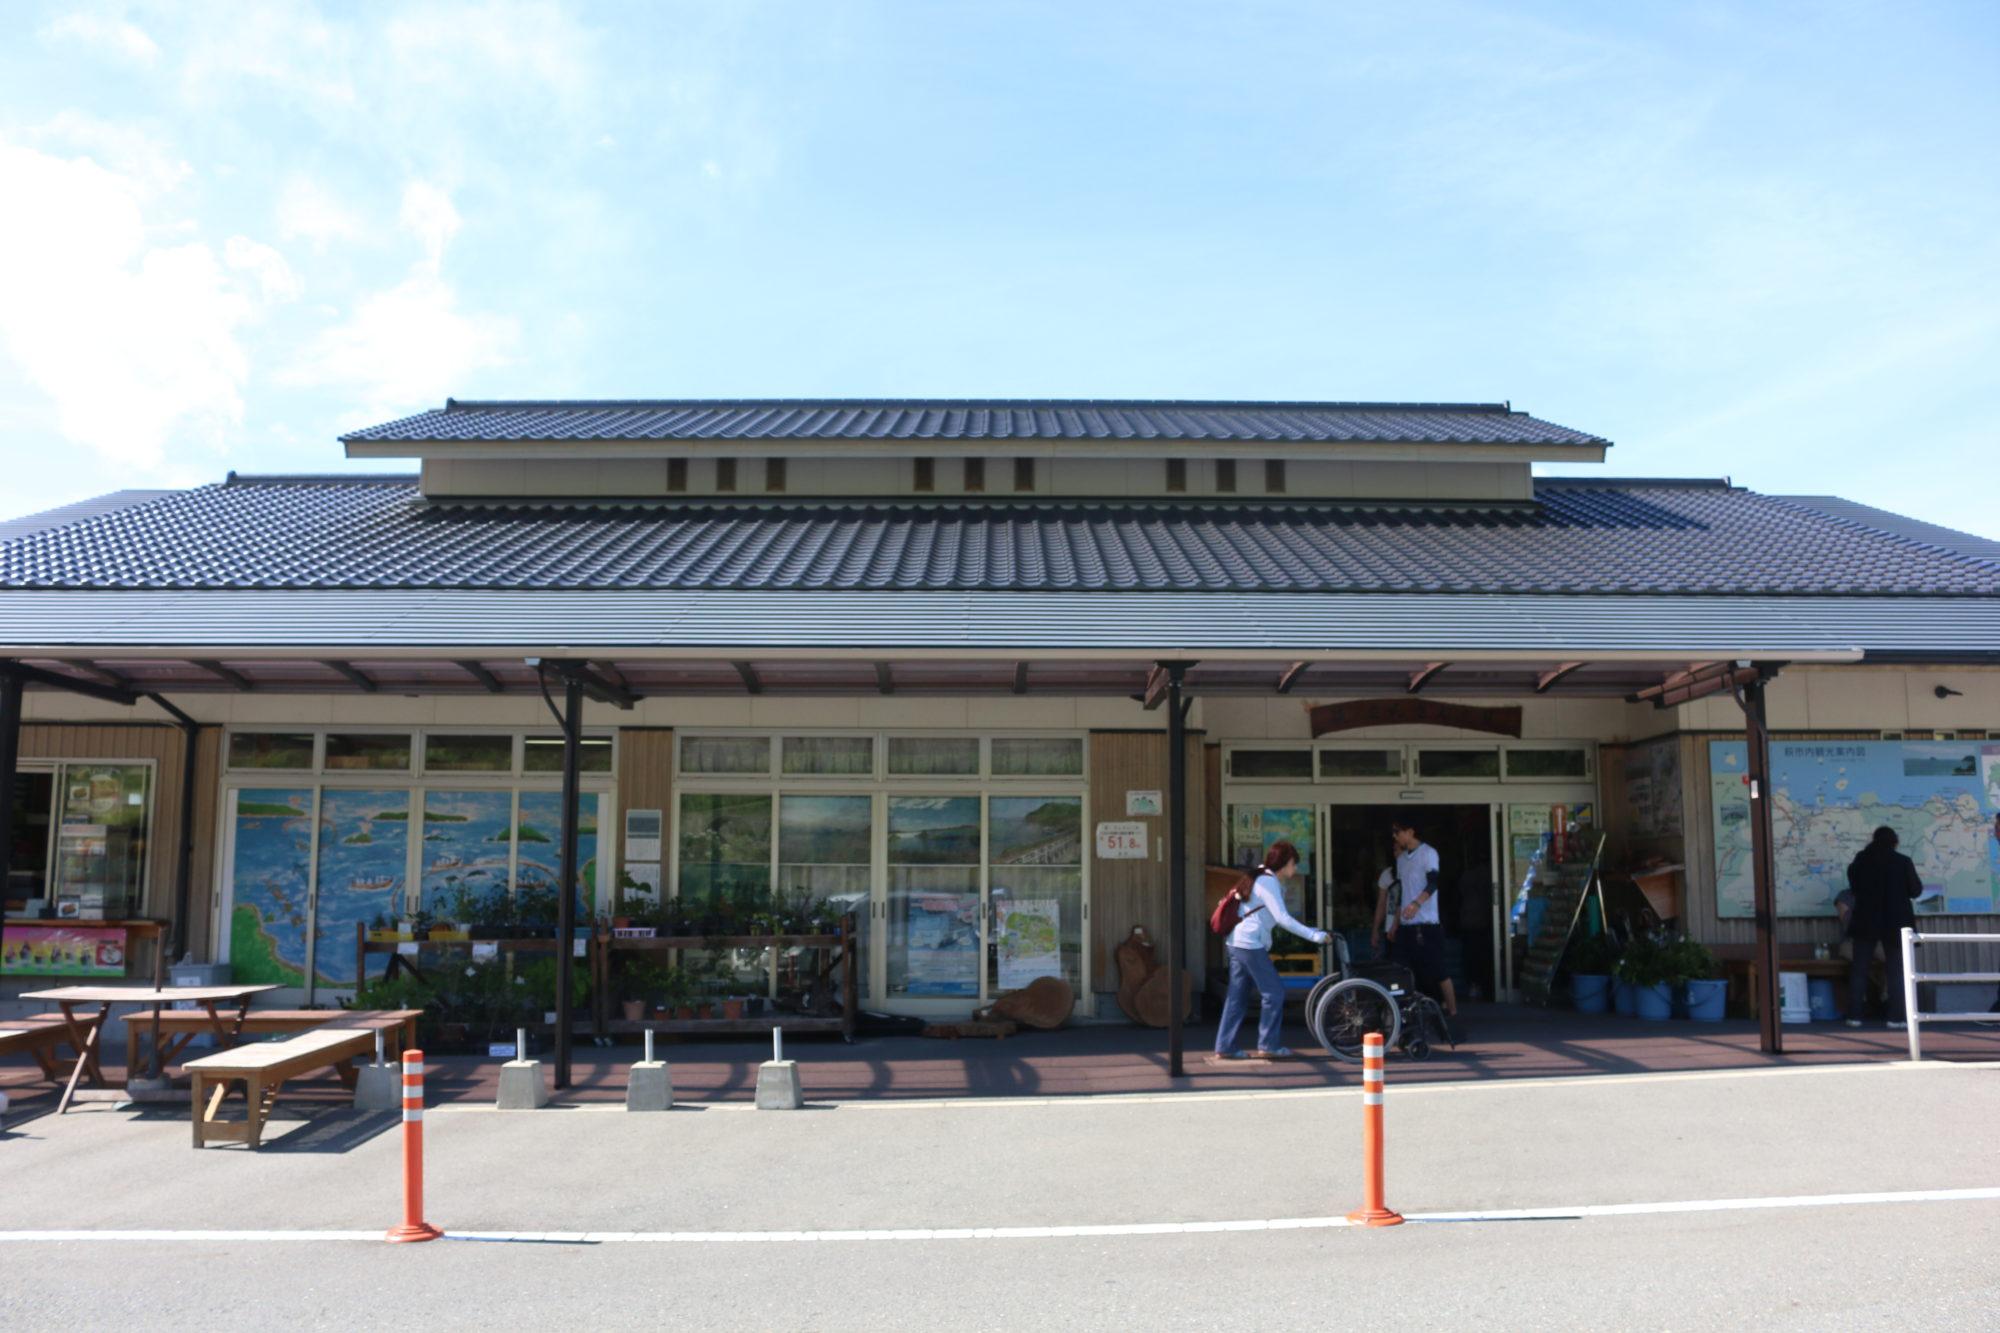 道の駅 萩・さんさん三見〜お盆休みに新山口駅からレンタカーで1泊2日旅〜